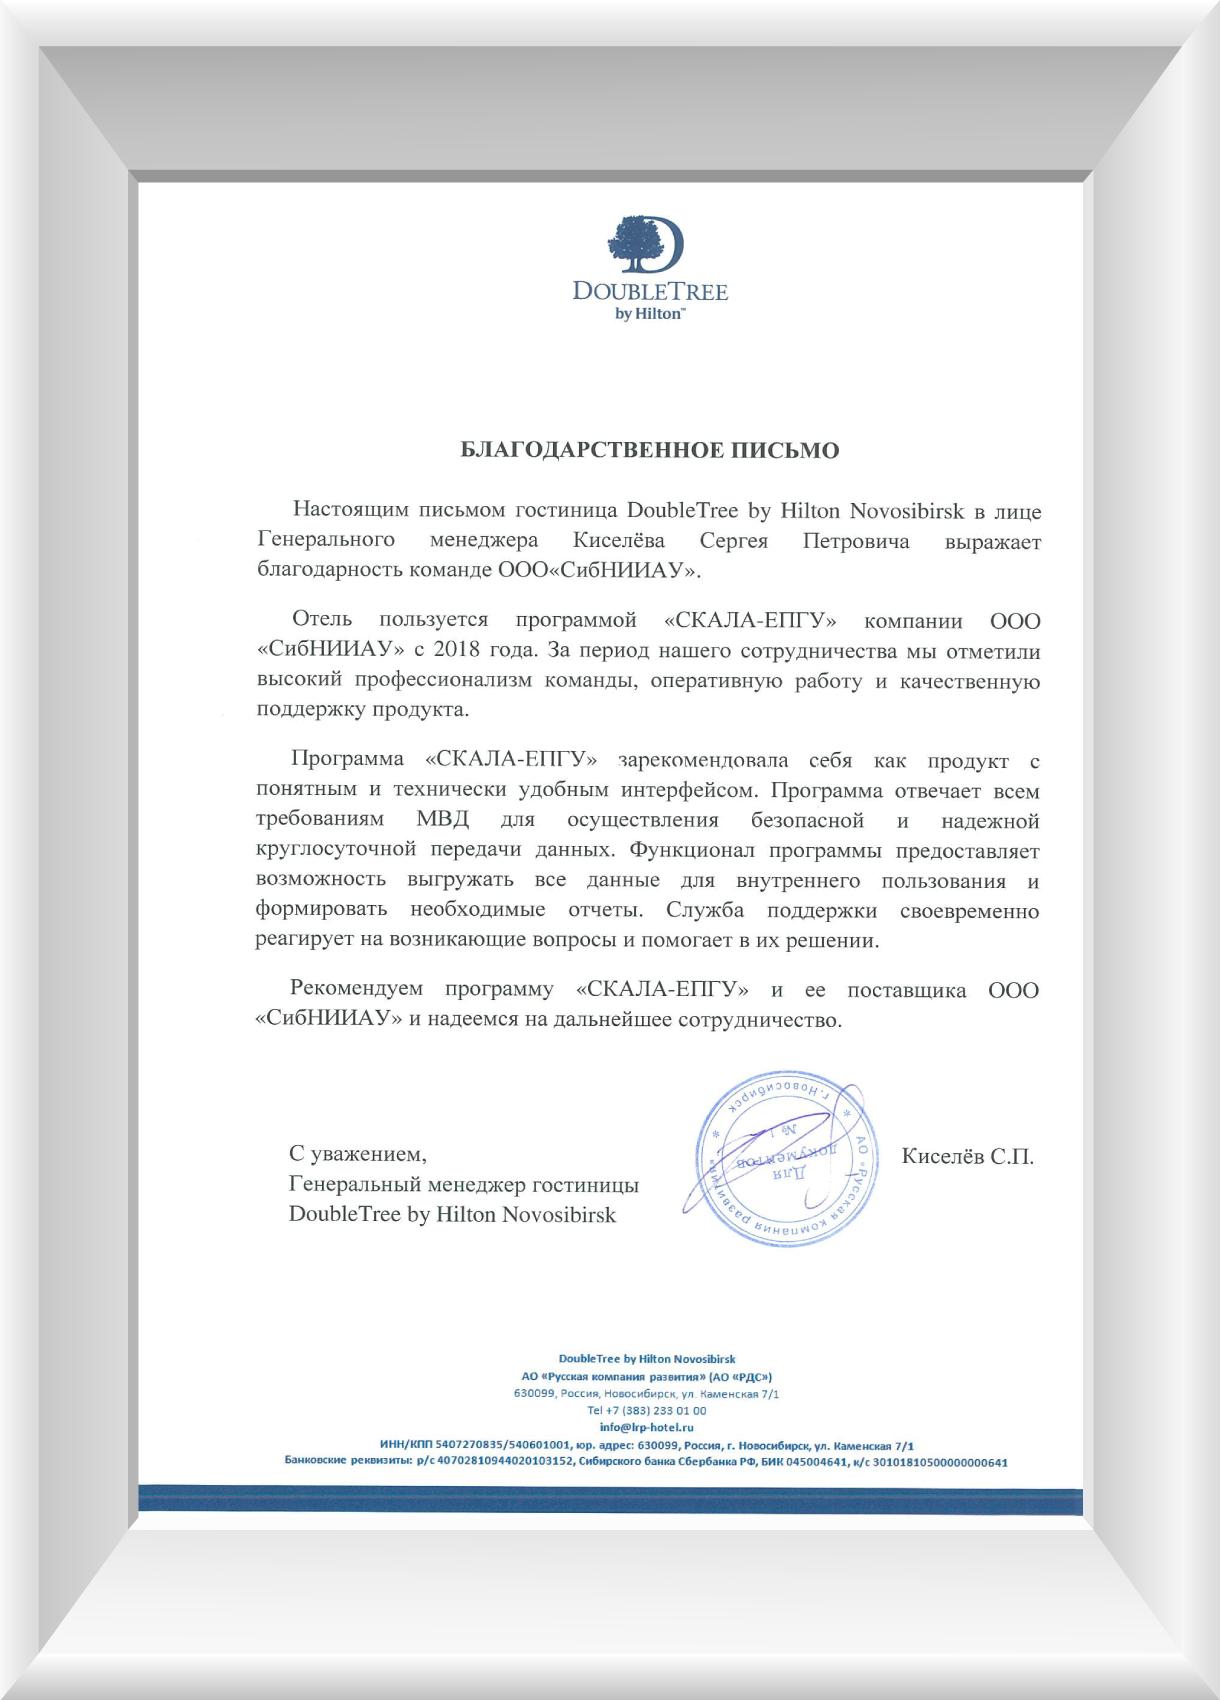 Отзыв о СКАЛА-ЕПГУ Double Tree by Hilton